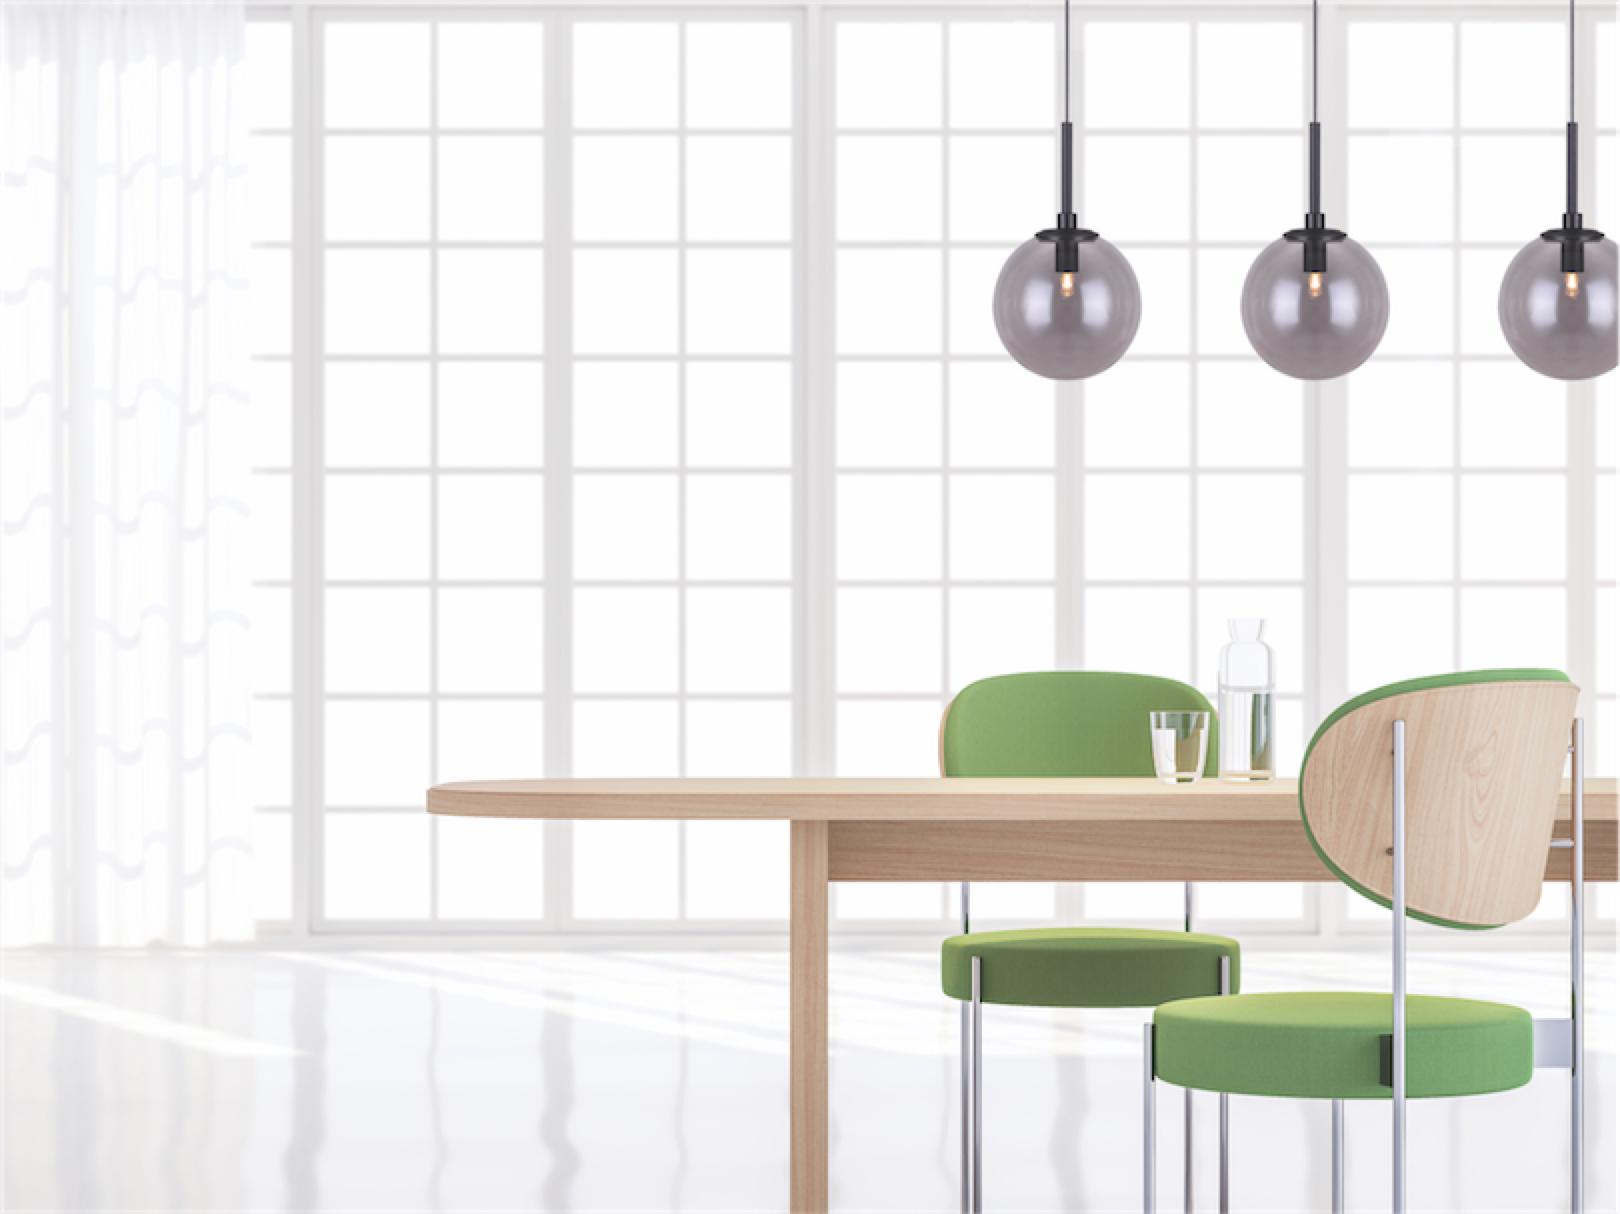 Luminaire suspendu moderne ATLAS Canarm  IPL741A01CH9 au-dessus de la table de salle à manger en bois près d'une grande fenêtre avec chaises vertes.